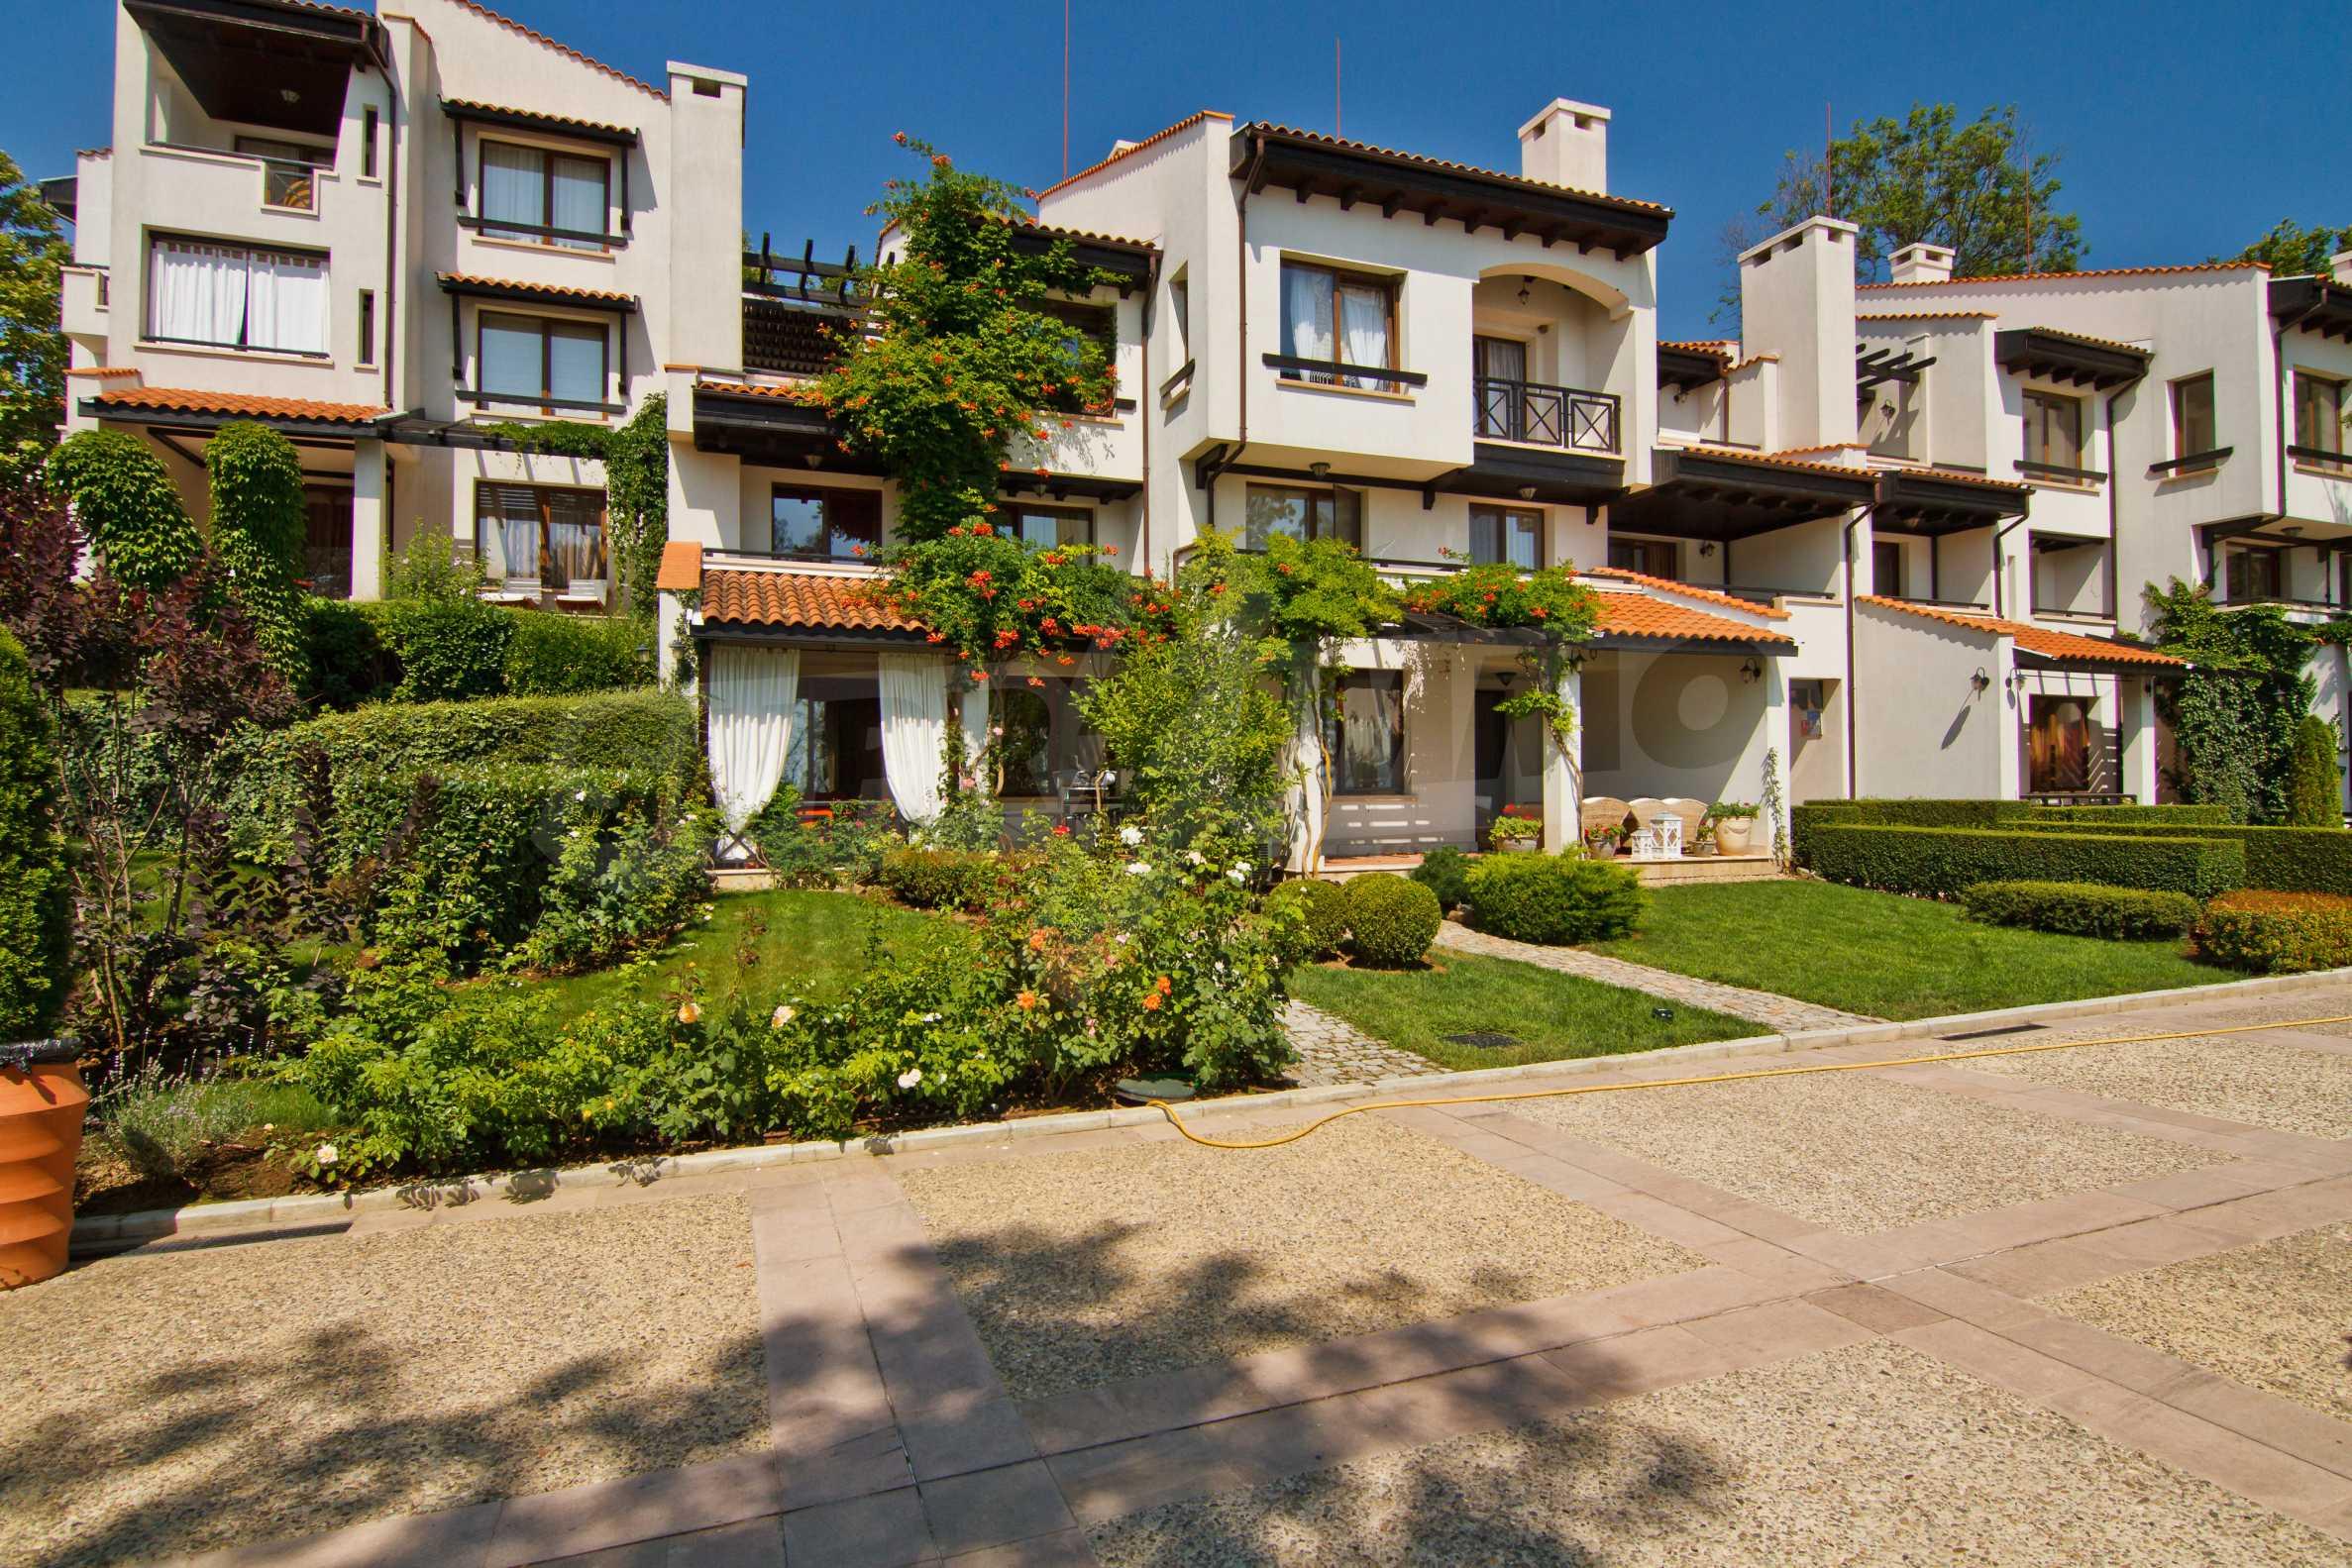 Двустаен апартамент в елитен комплекс на морето в Лозенец 11